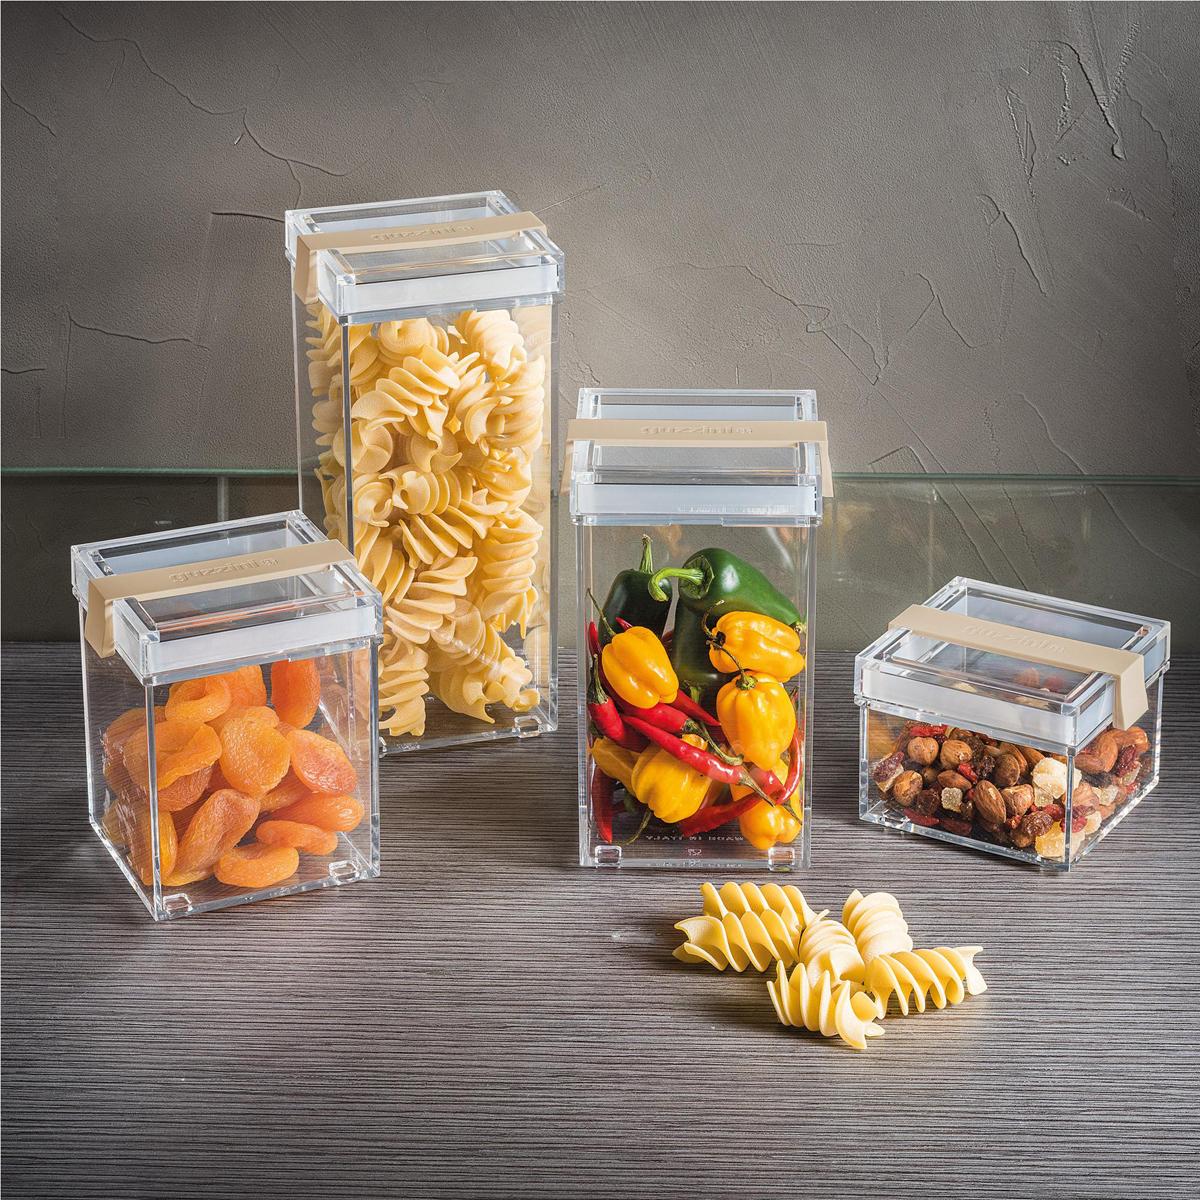 Контейнер из пластика для хранения сыпучих и сухих продуктов незаменим на кухне. Он помогает поддерживать порядок и компактно хранить необходимые под рукой. Его также можно использовать для различных мелочей и принадлежностей для рукоделия. Объем: 770 мл Размер: 10 x 11 x 13 h  Особенности и преимущества: - герметичные крышки сохраняют свежесть продуктов - стильный дизайн и практичная конструкция - подходит для различных продуктов.